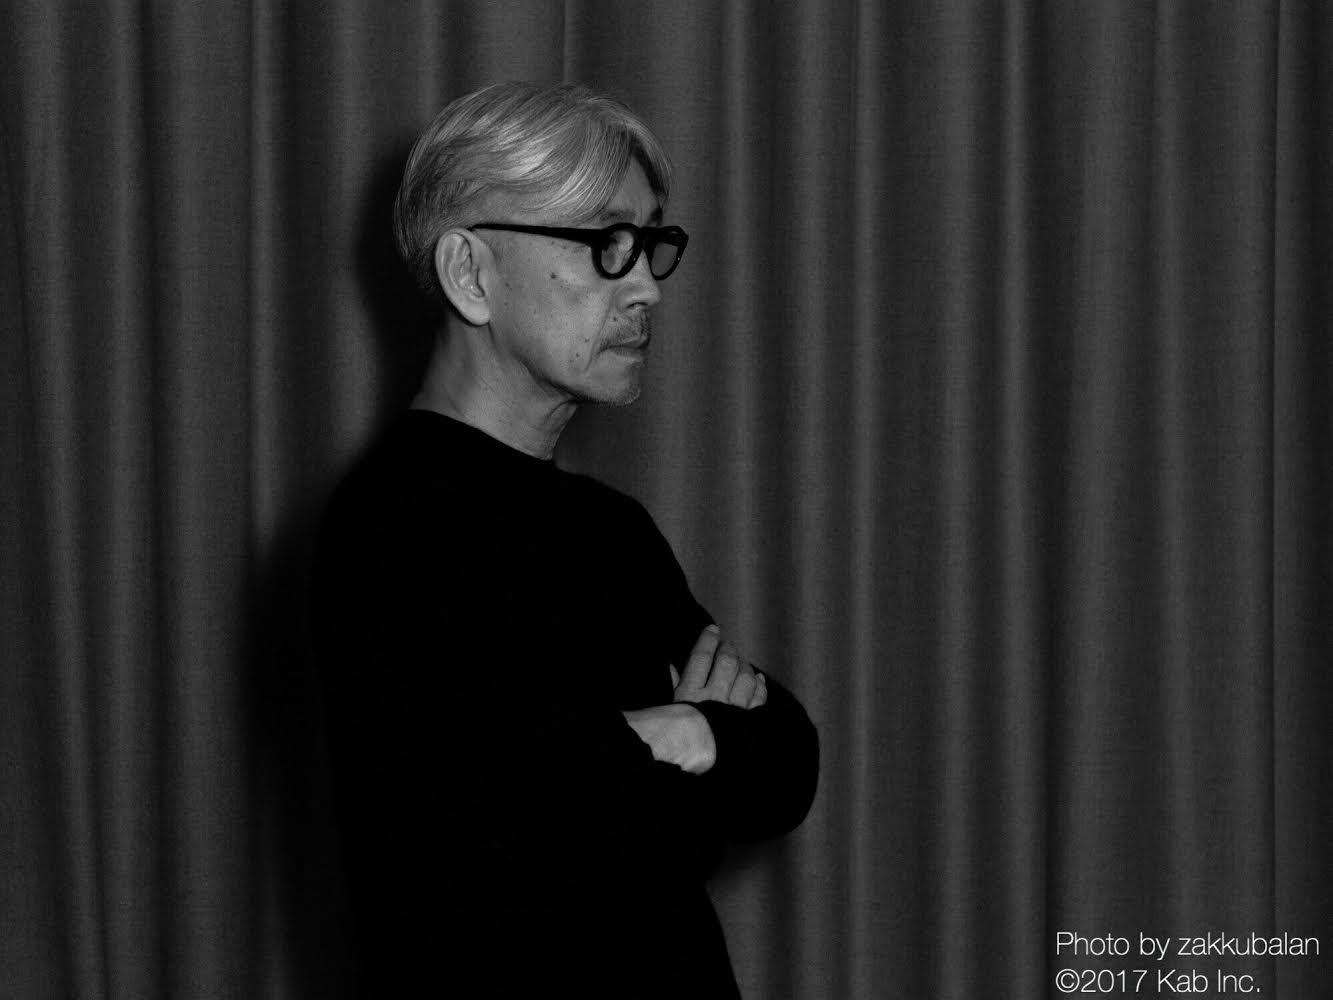 坂本龍一が語る 新型コロナウイルス状況下で「音楽・アートの役割」とは何か